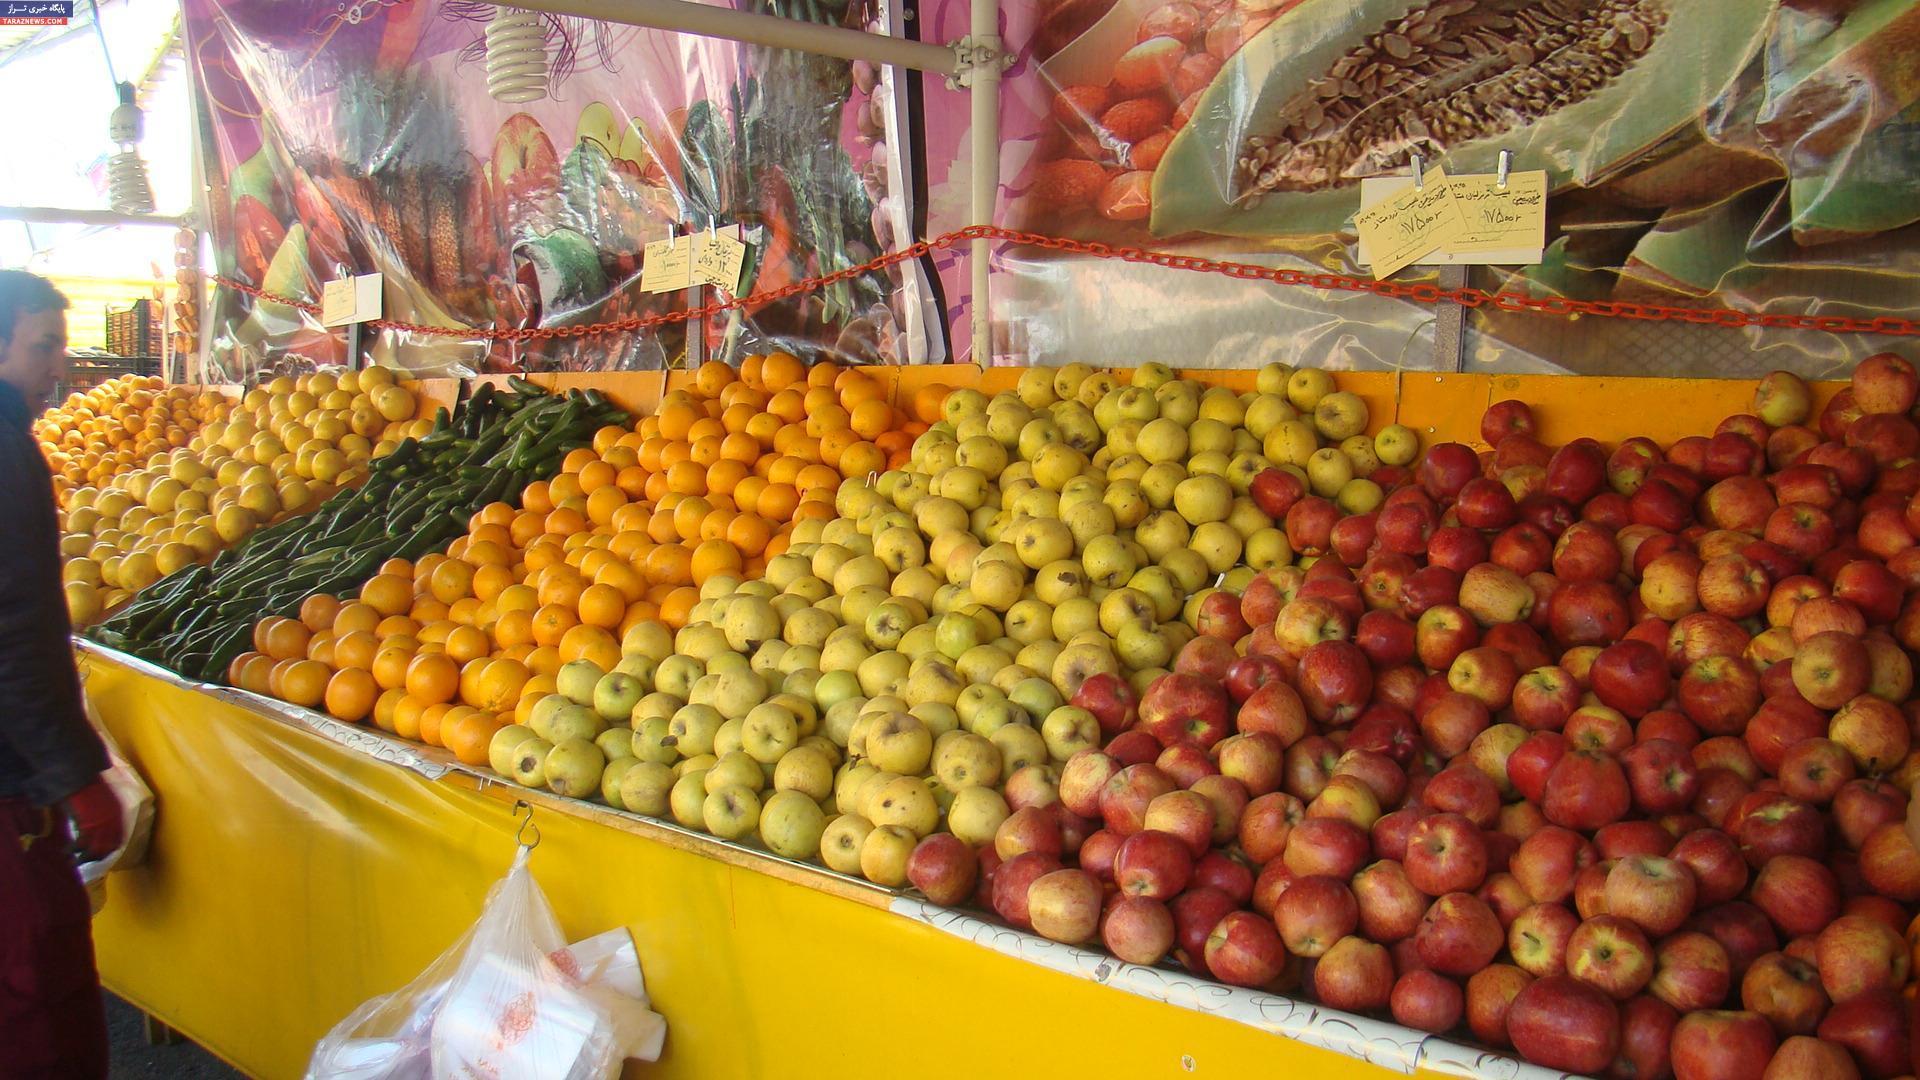 اعلام قیمتهای نجومی برای برخی میوهها توسط یک نهاد دولتی